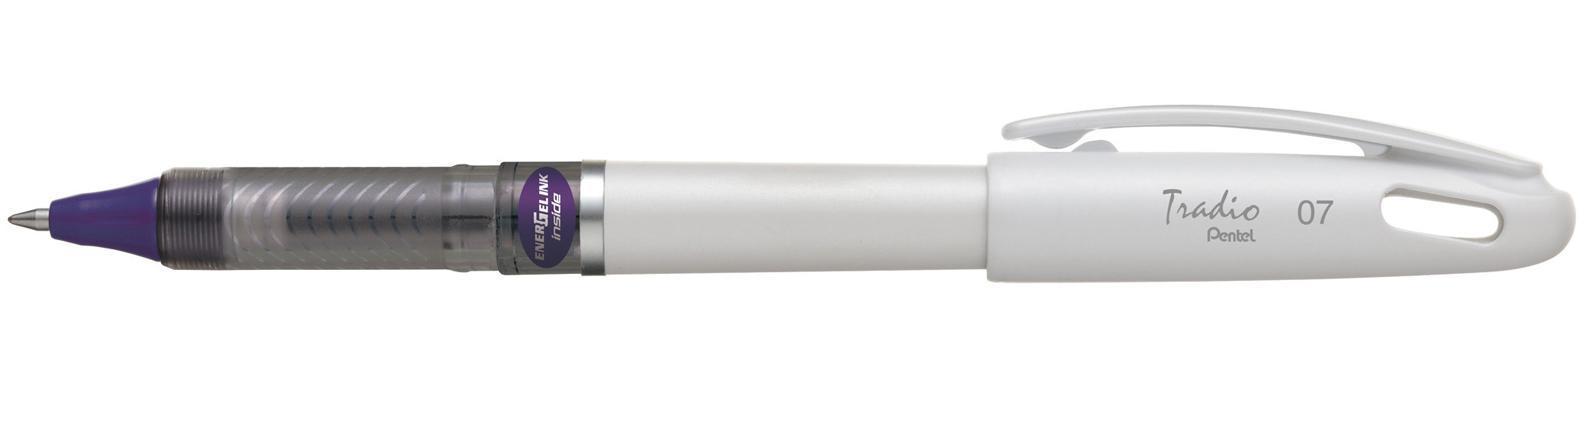 Гелевая ручка TRADIO ENERGEL фиолетов. стержень 0.7мм, белый корпус в блистереPBL117W-VX